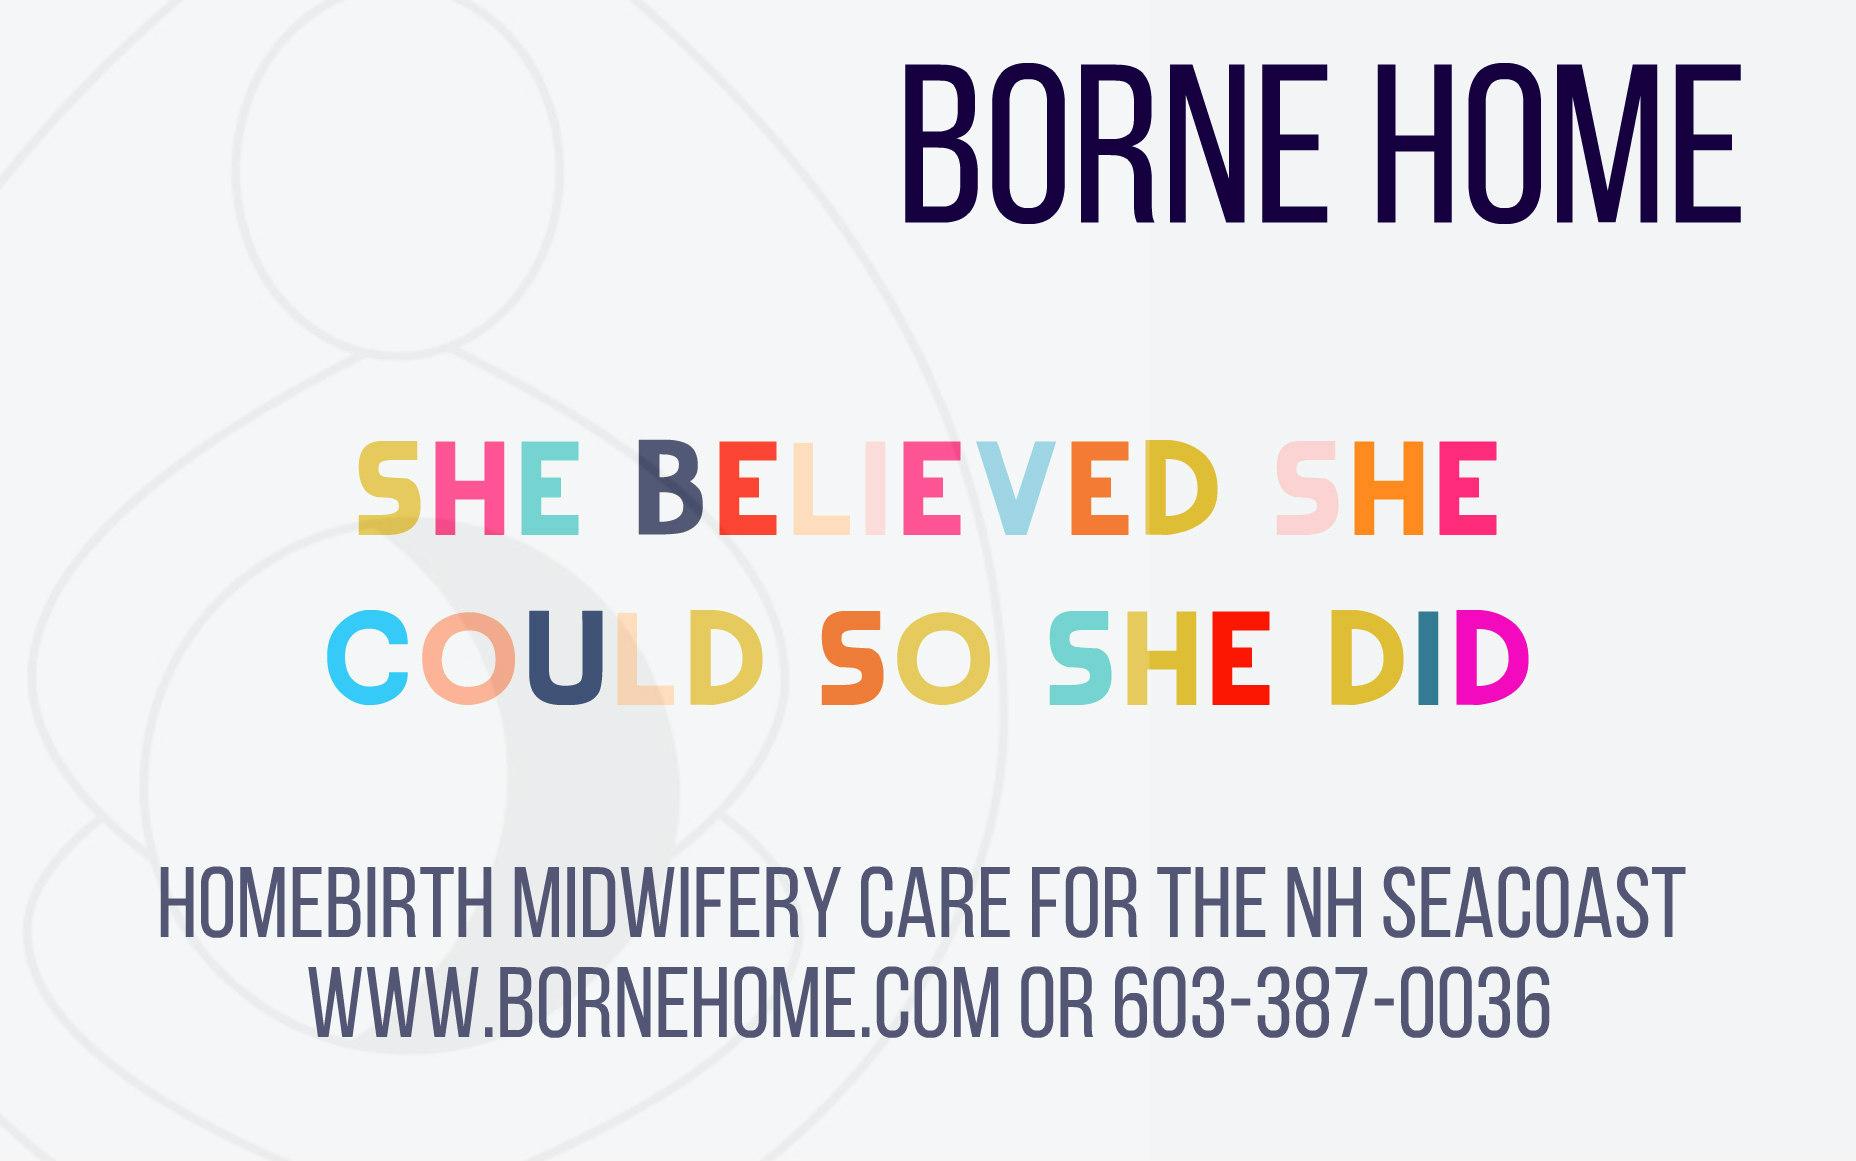 Borne Home